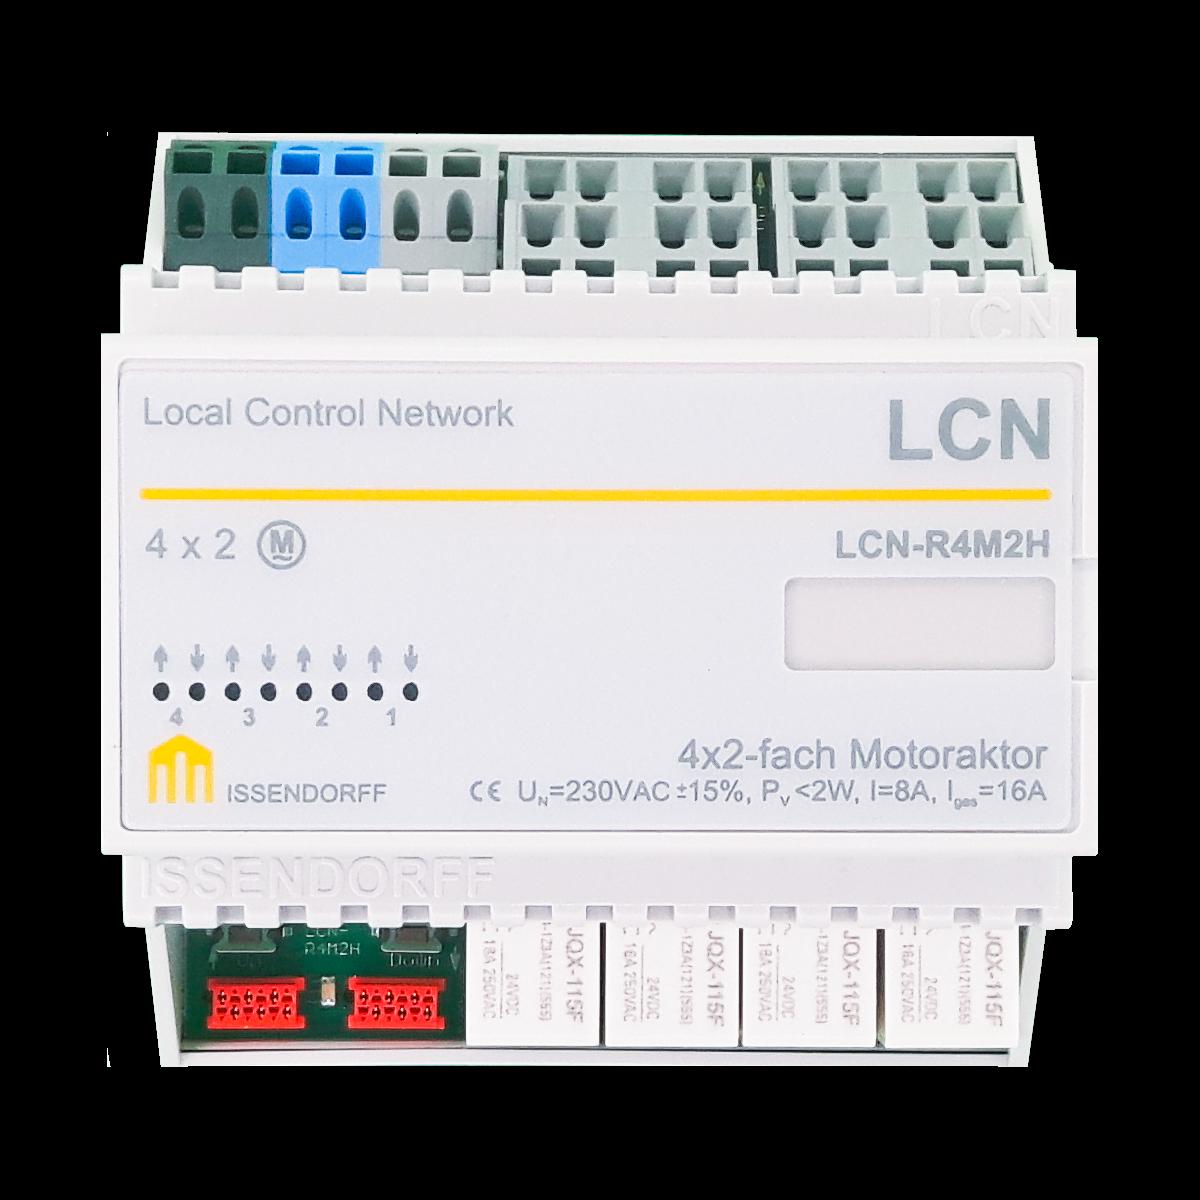 LCN-R4M2H